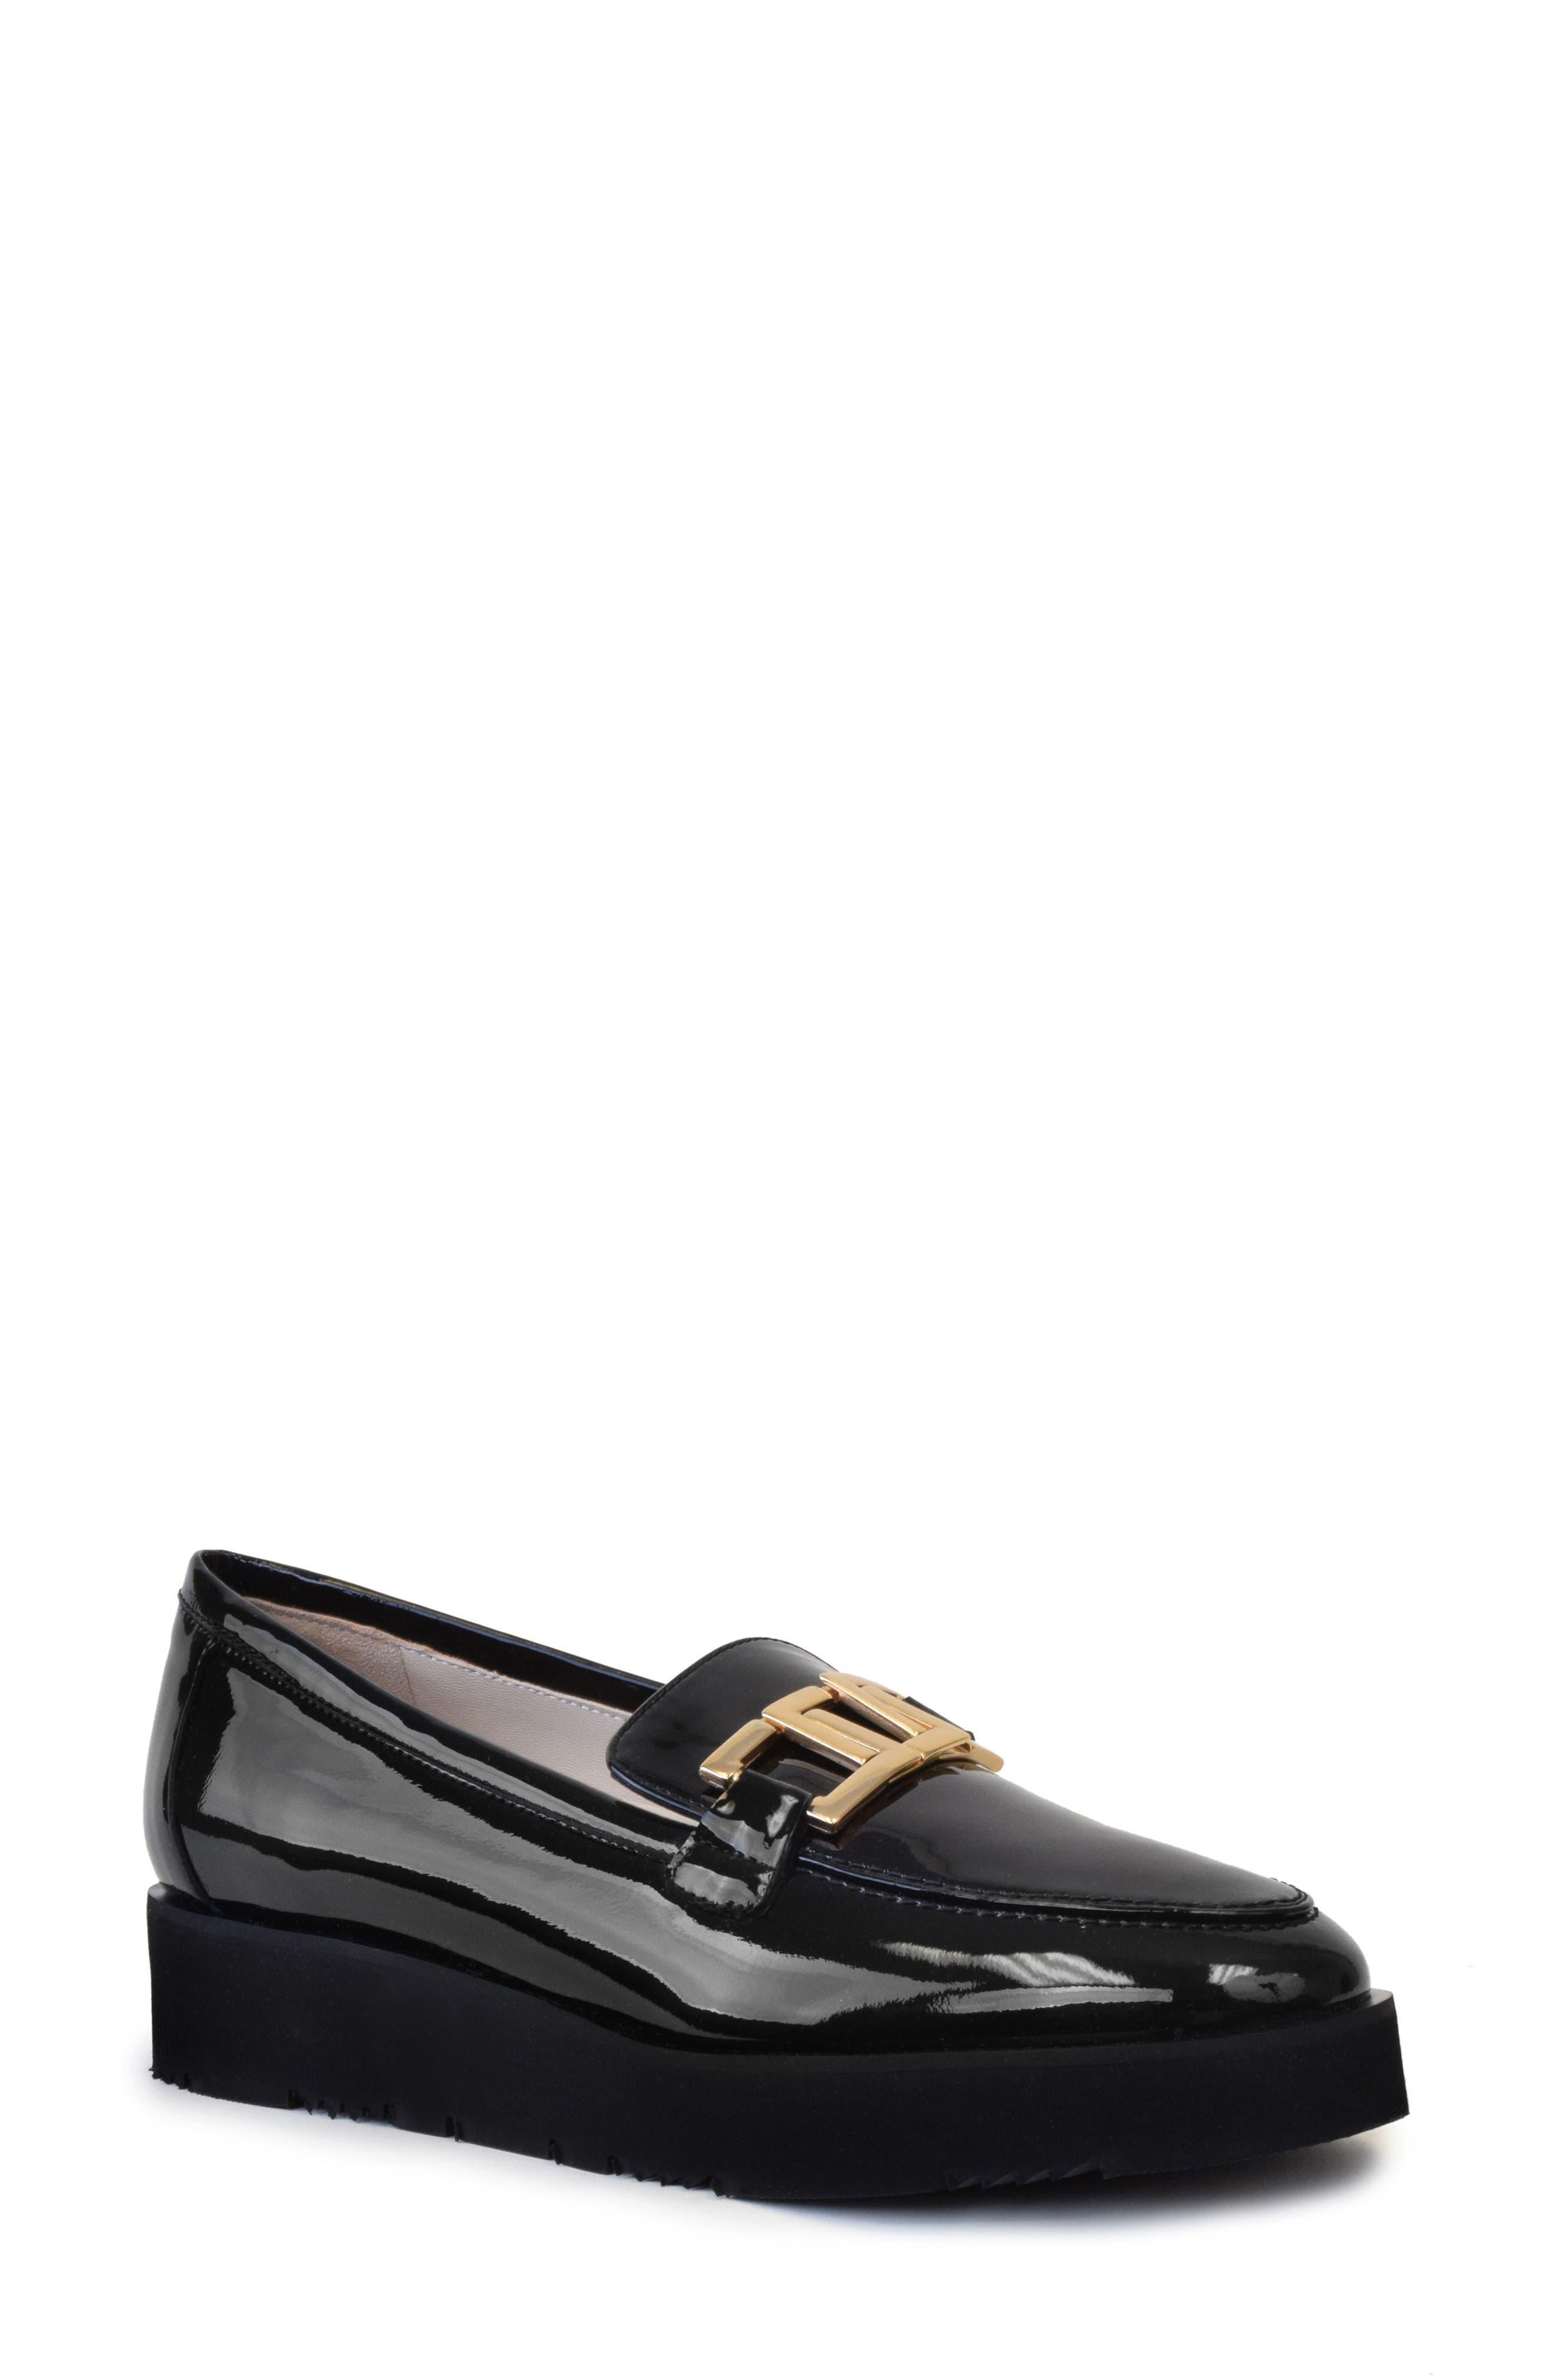 Elia Patent Leather Platform Loafer